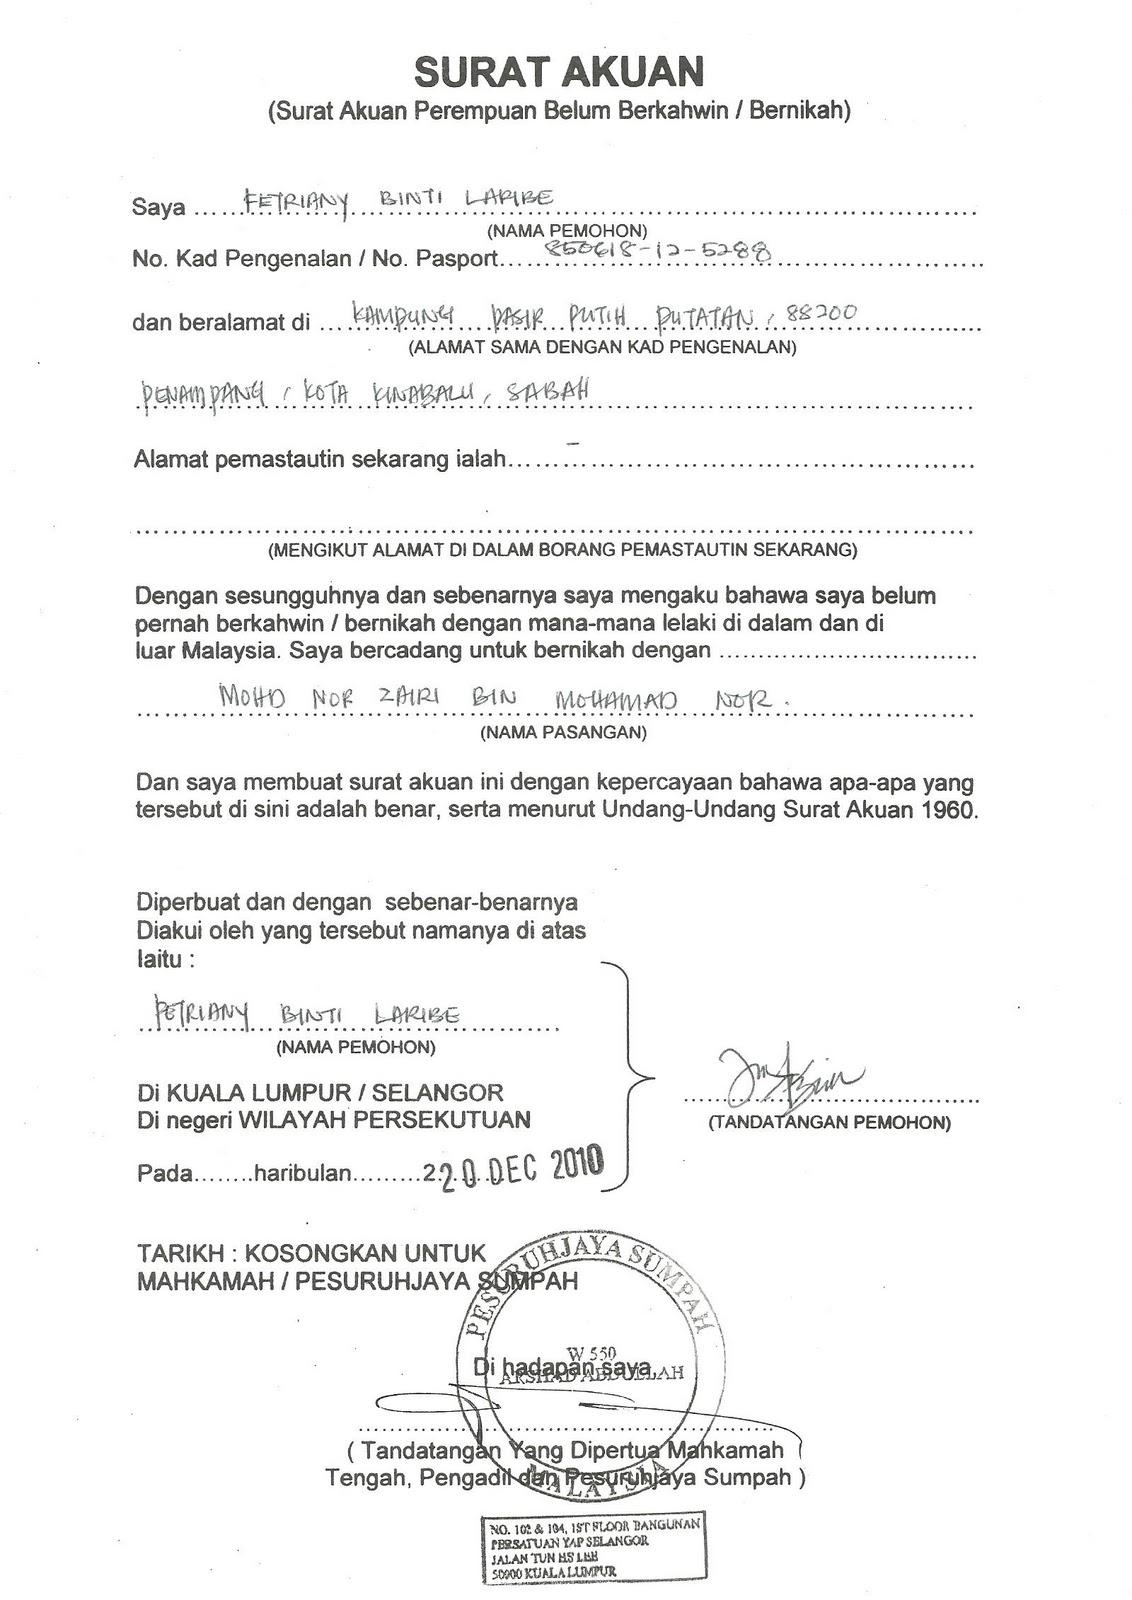 Contoh Surat Akuan Bujang Untuk Kahwin